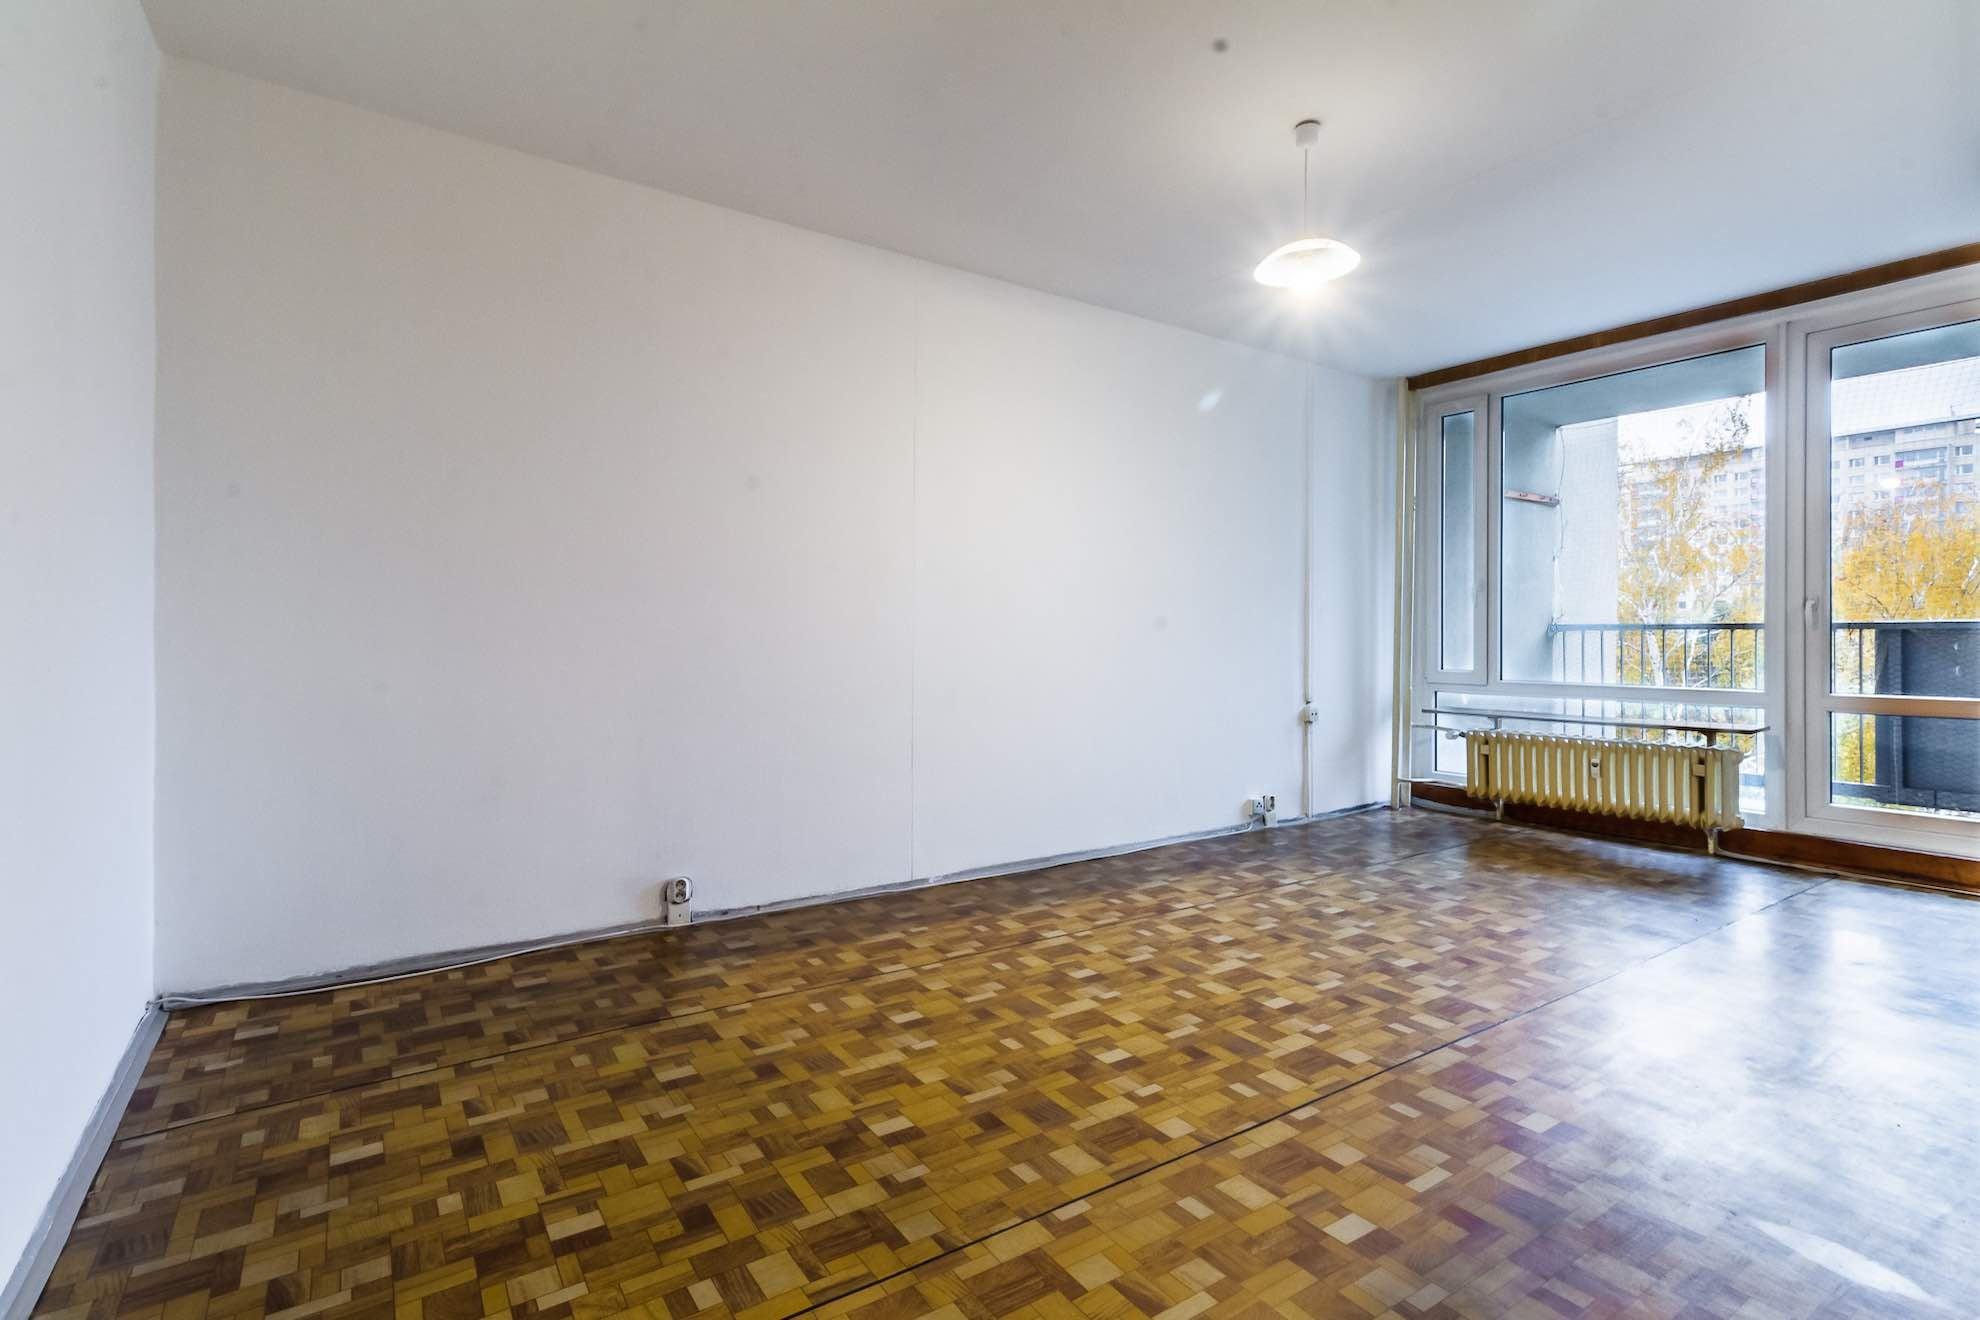 Vizualizace prodeje bytu v Praze 11 - Jižní Město, realitní makléř roku 2018 - Hloušek